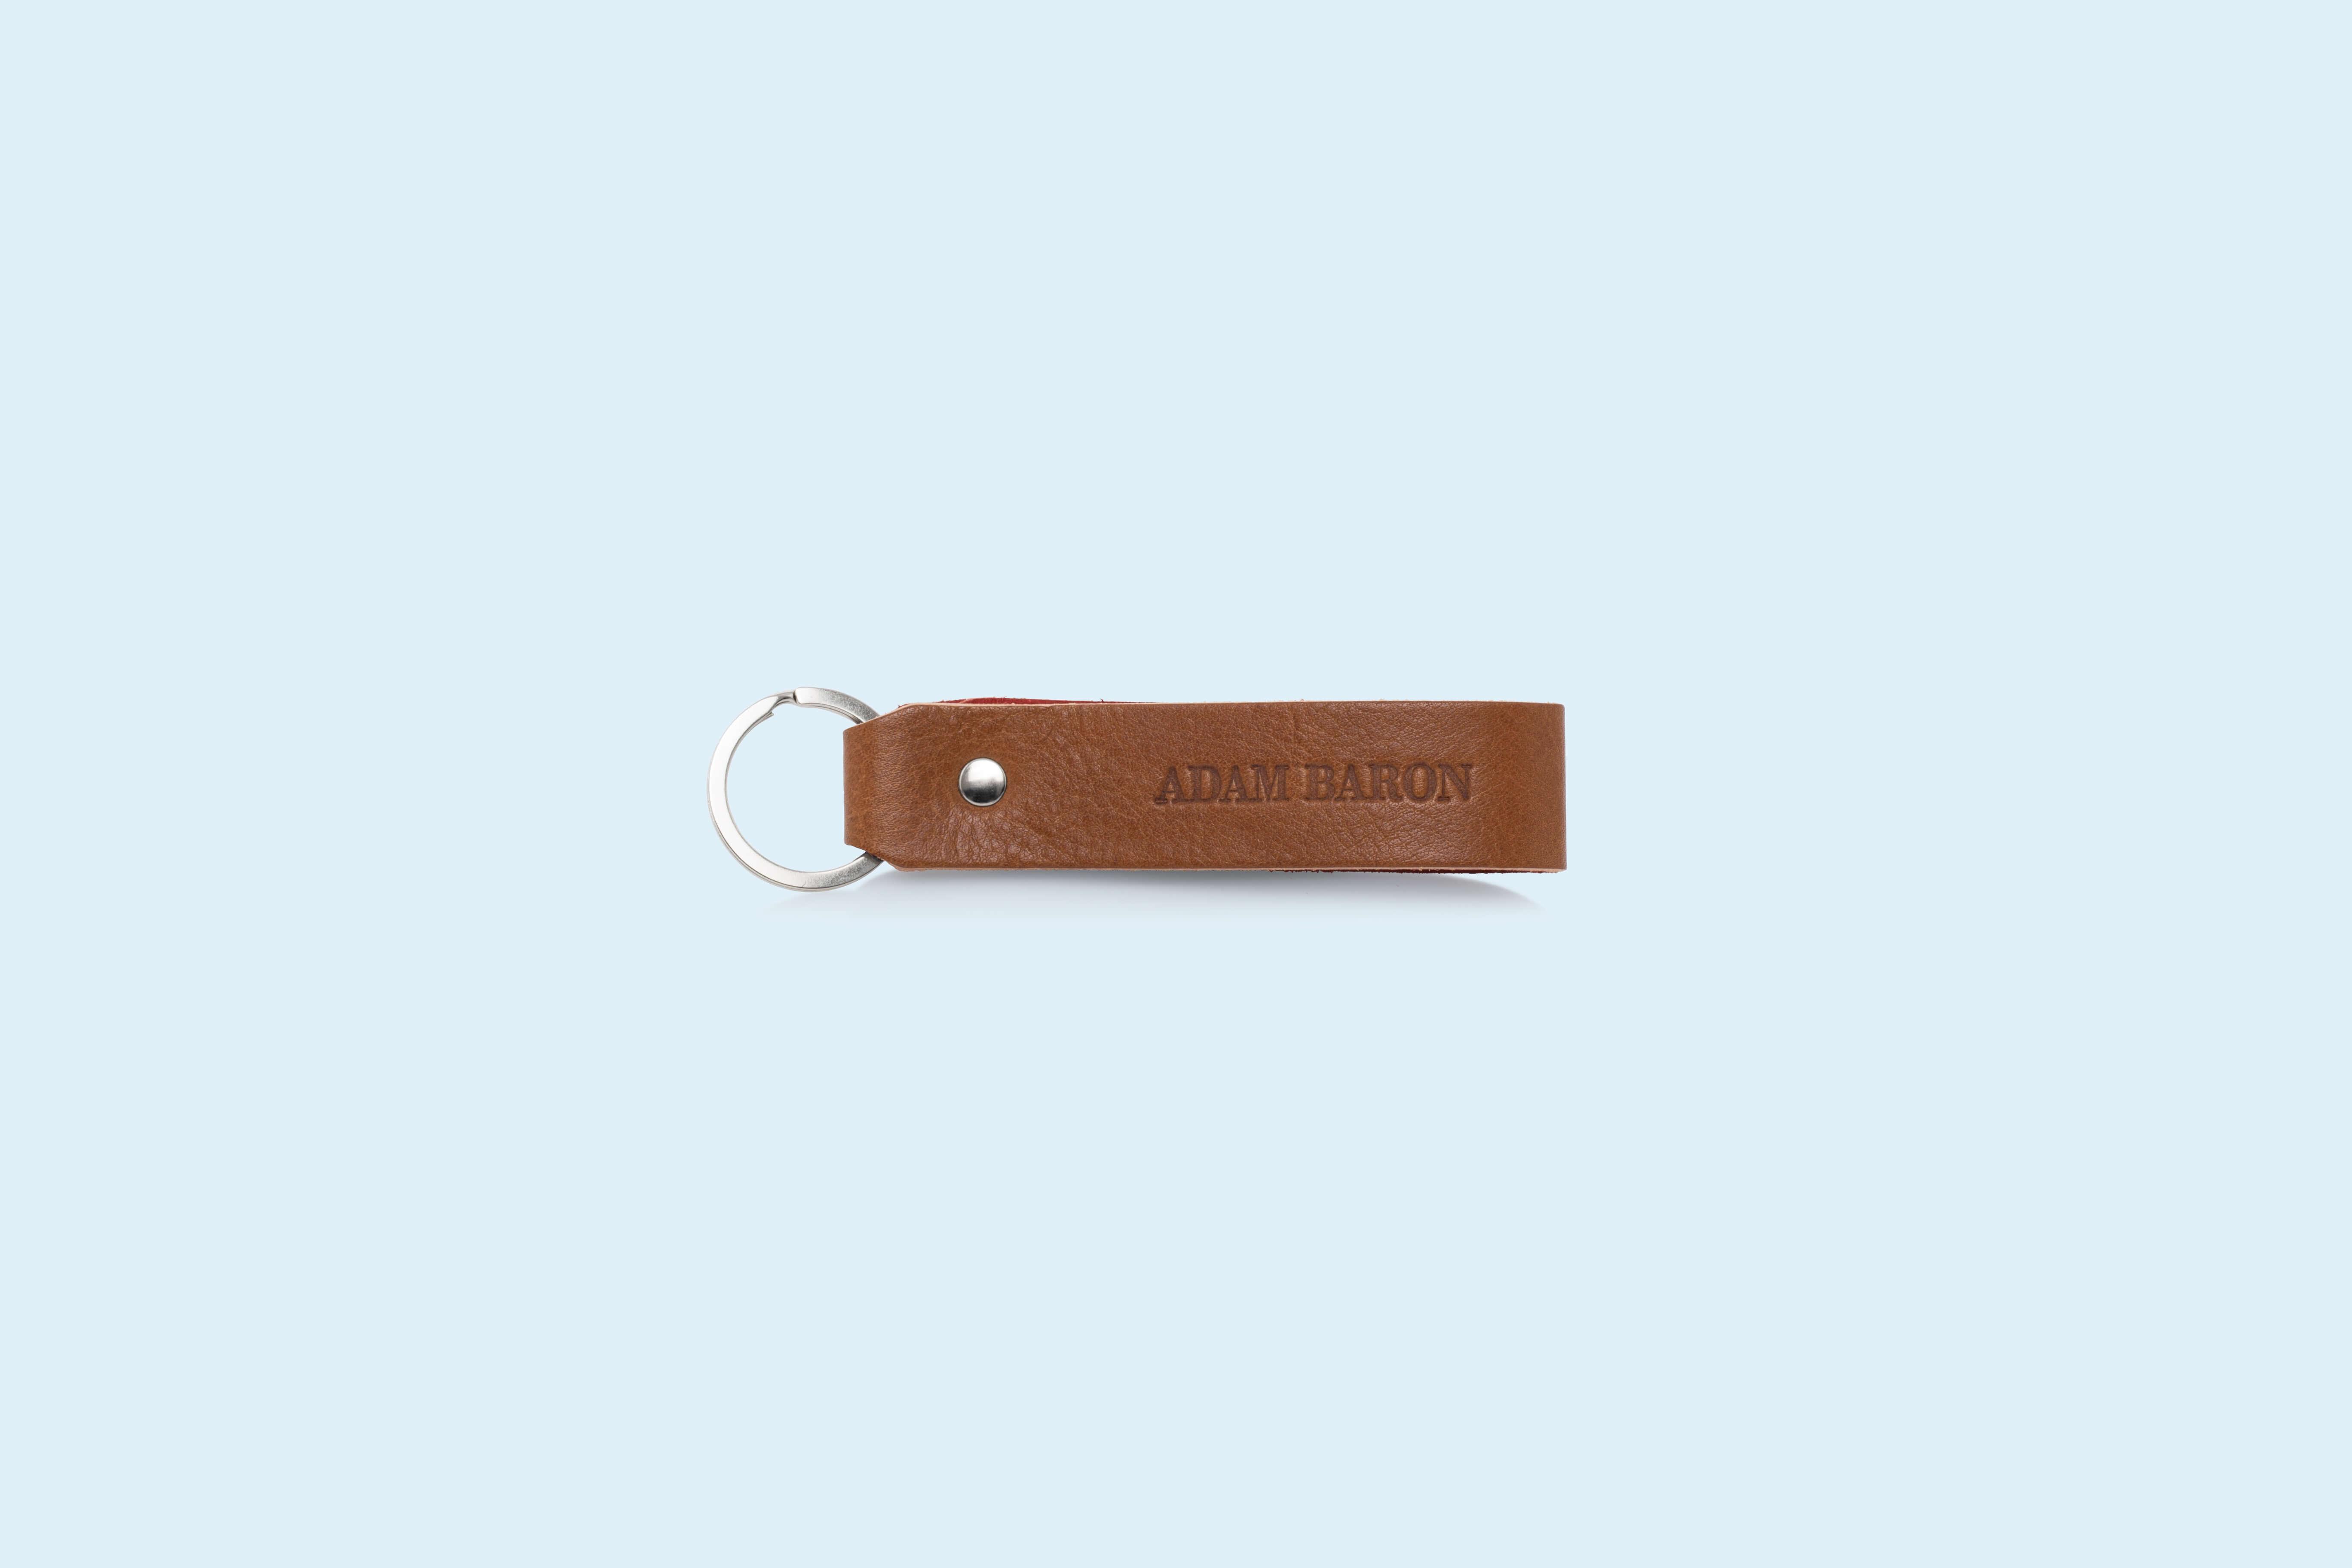 Rewelacyjny Skórzany brelok do kluczy - SLOW Pend cognac/red | ADAM BARON IA58